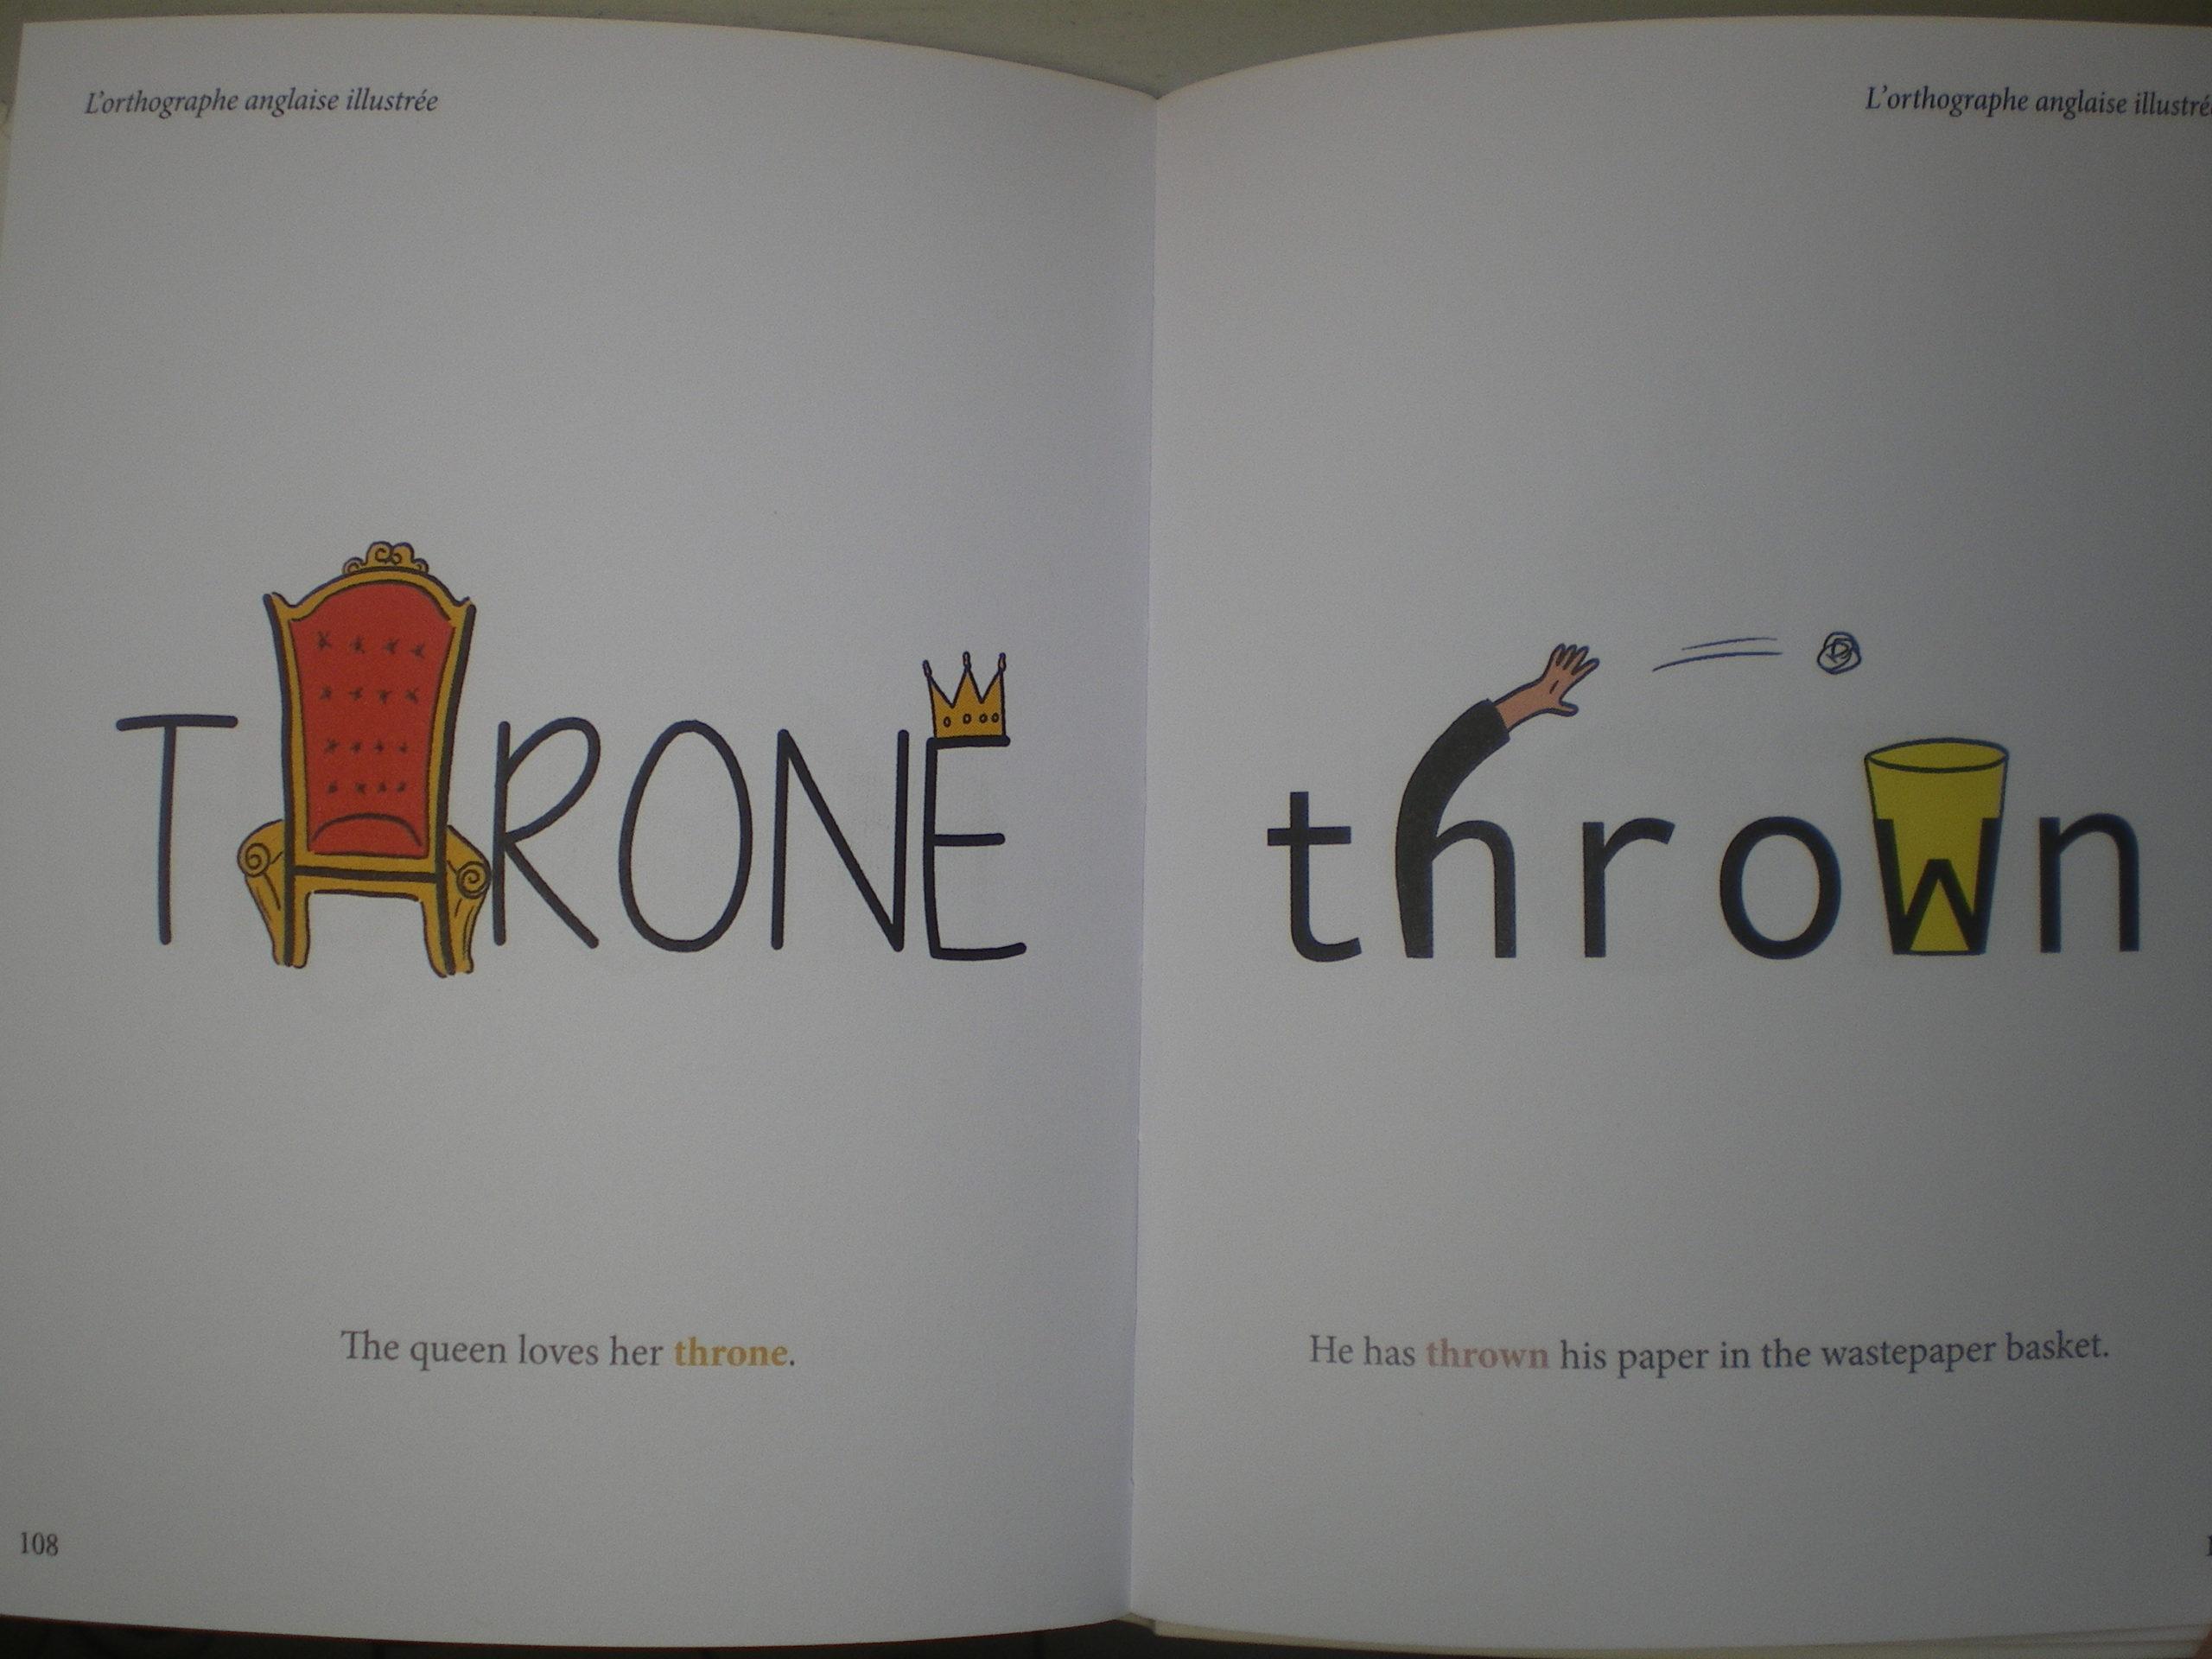 cahier dessins orthographe illustrée anglais